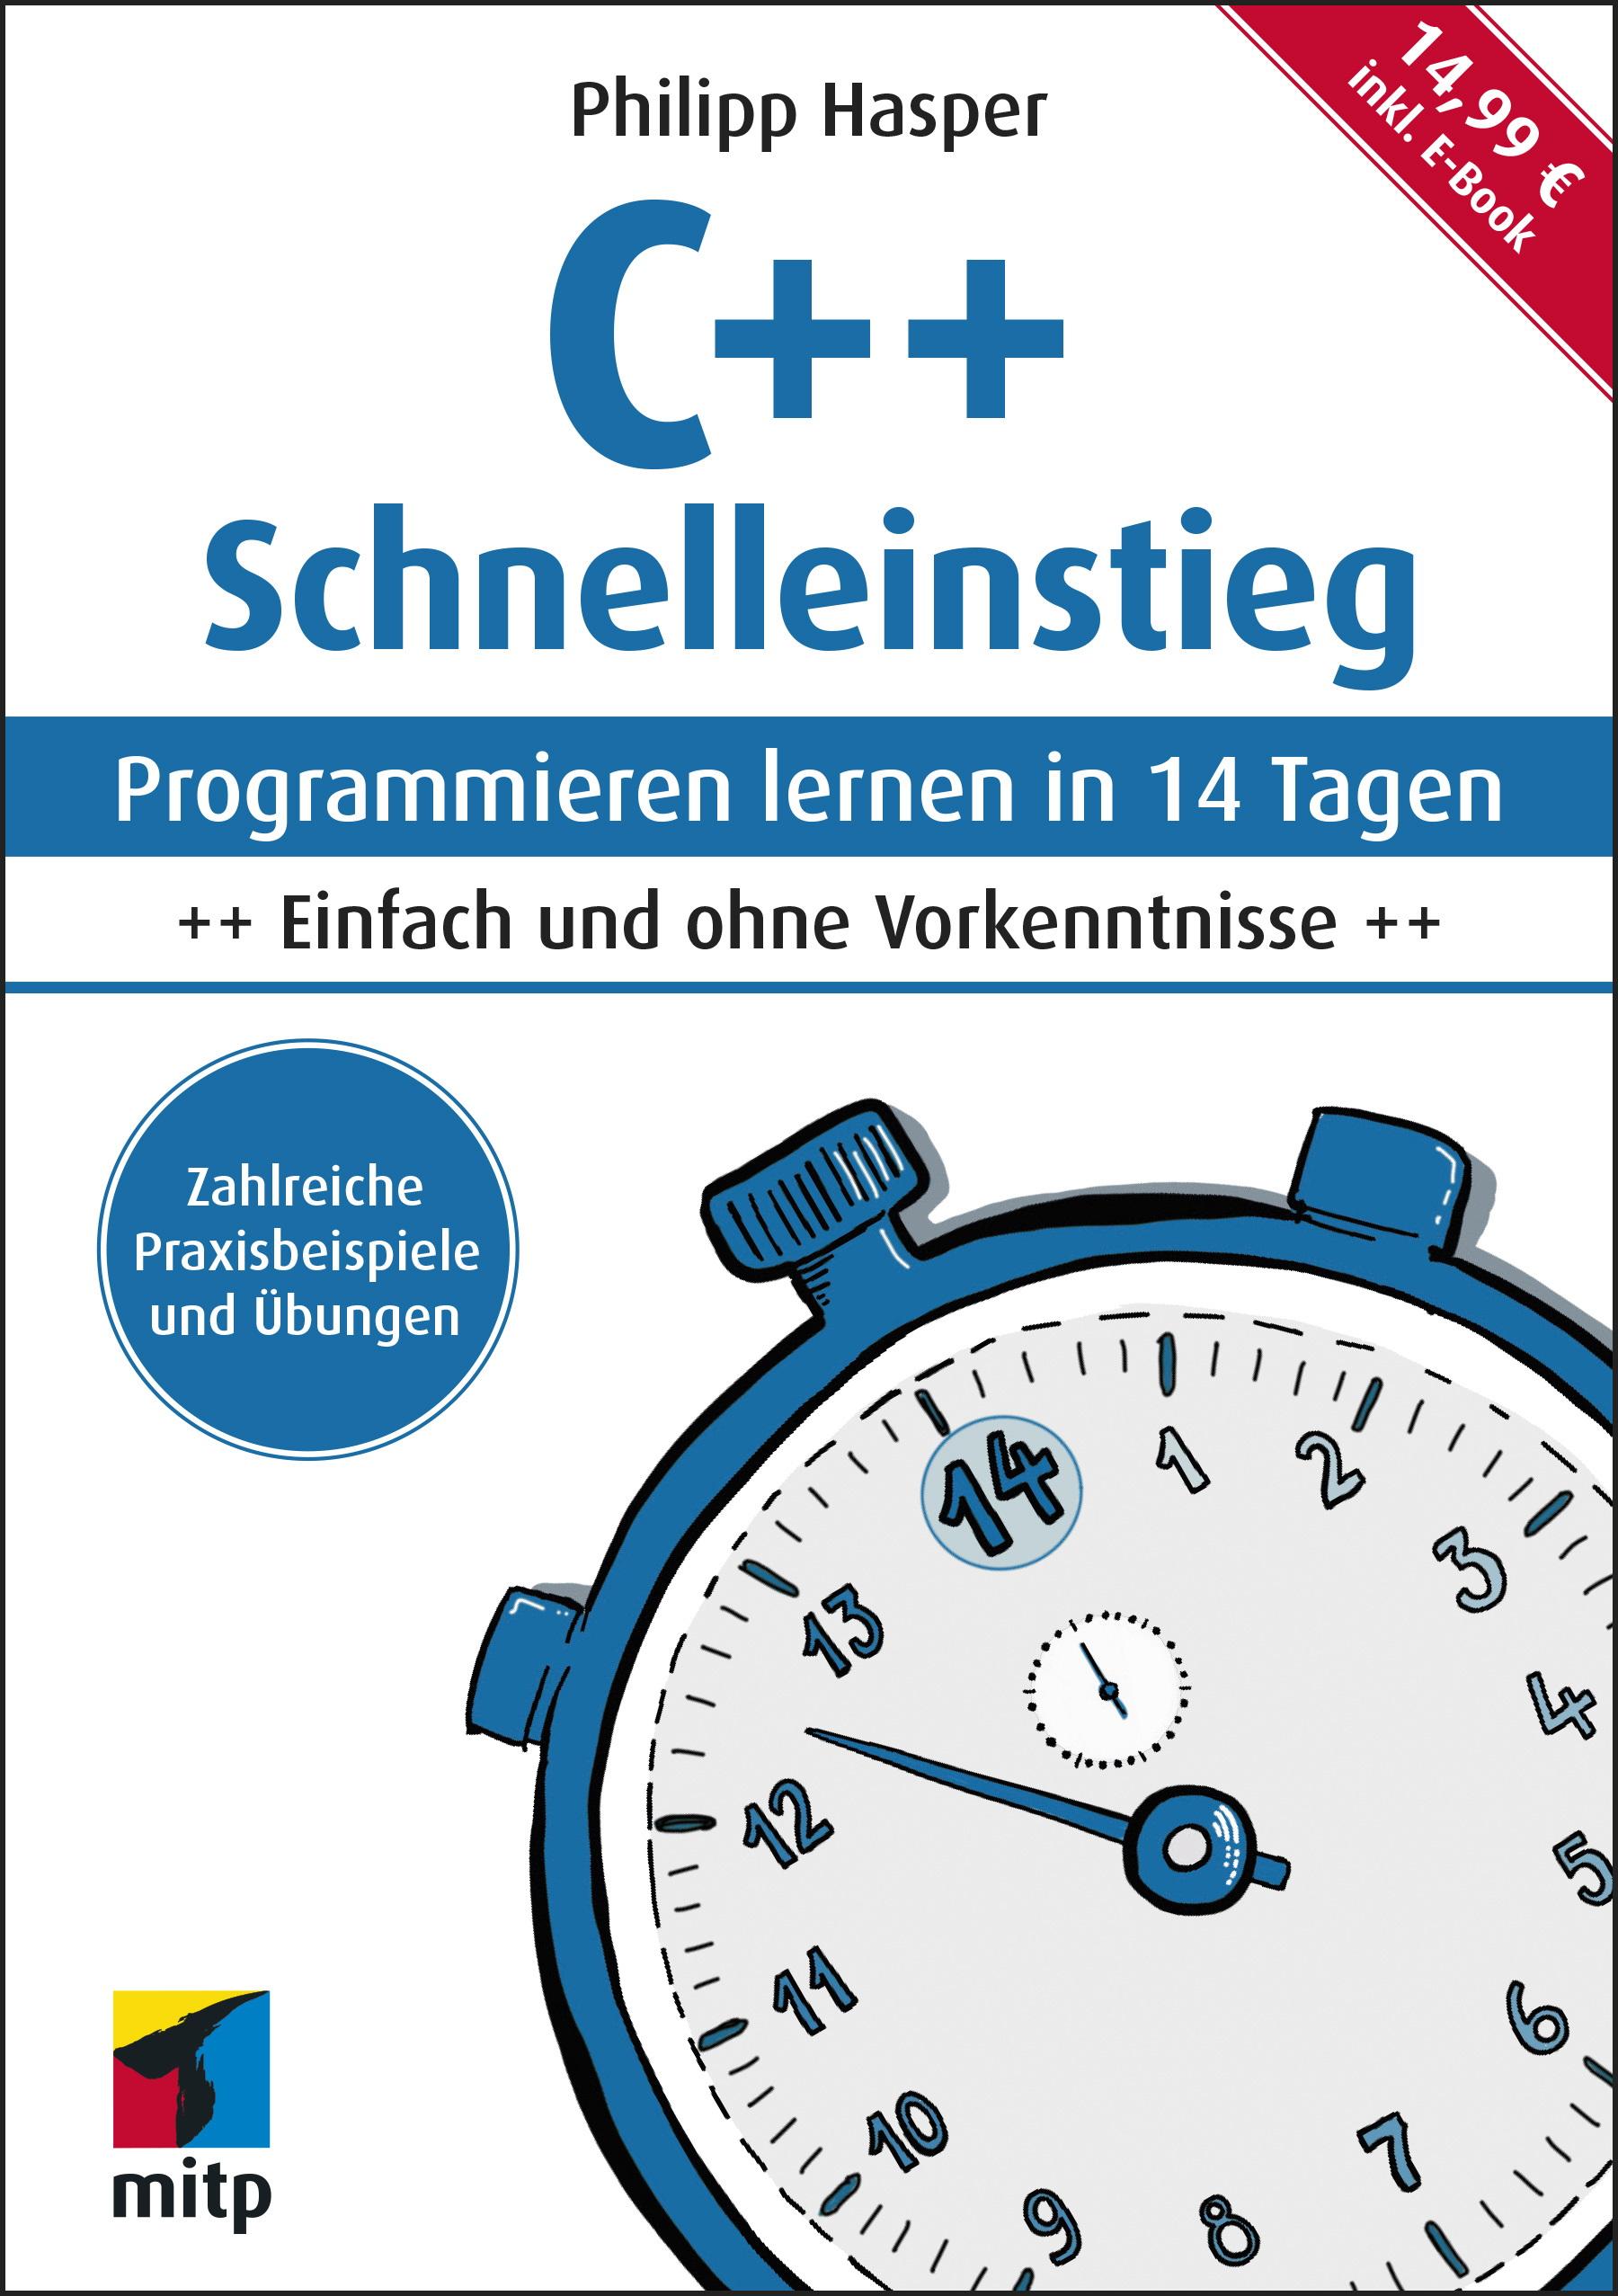 Buchcover C++ Schnelleinstieg, Philipp Hasper